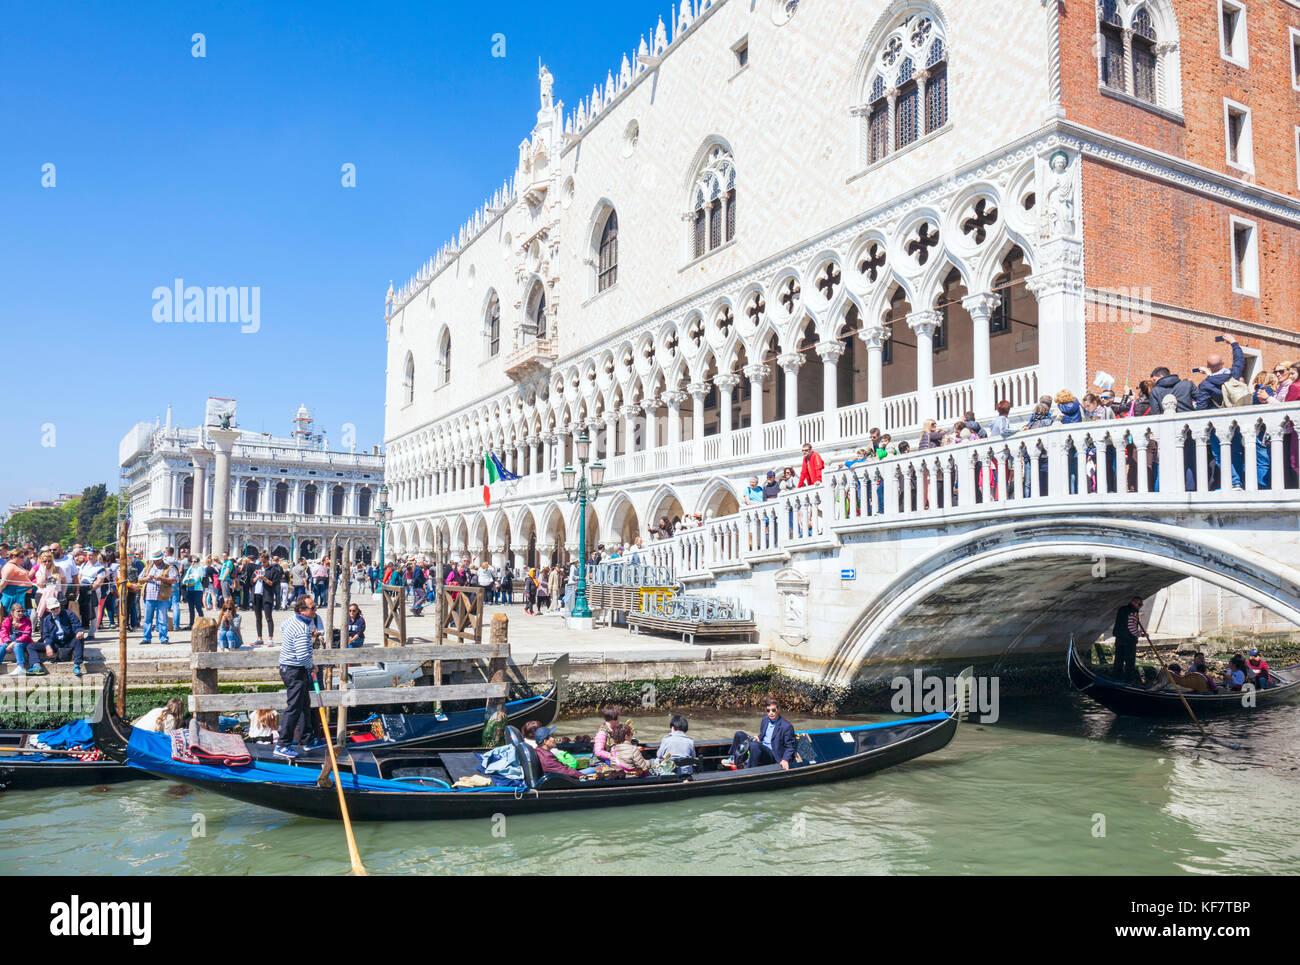 VENICE ITALY VENICE Busy crowds of tourists on the Ponte della Paglia visiting Venice Riva degli Schiavoni promenade - Stock Image